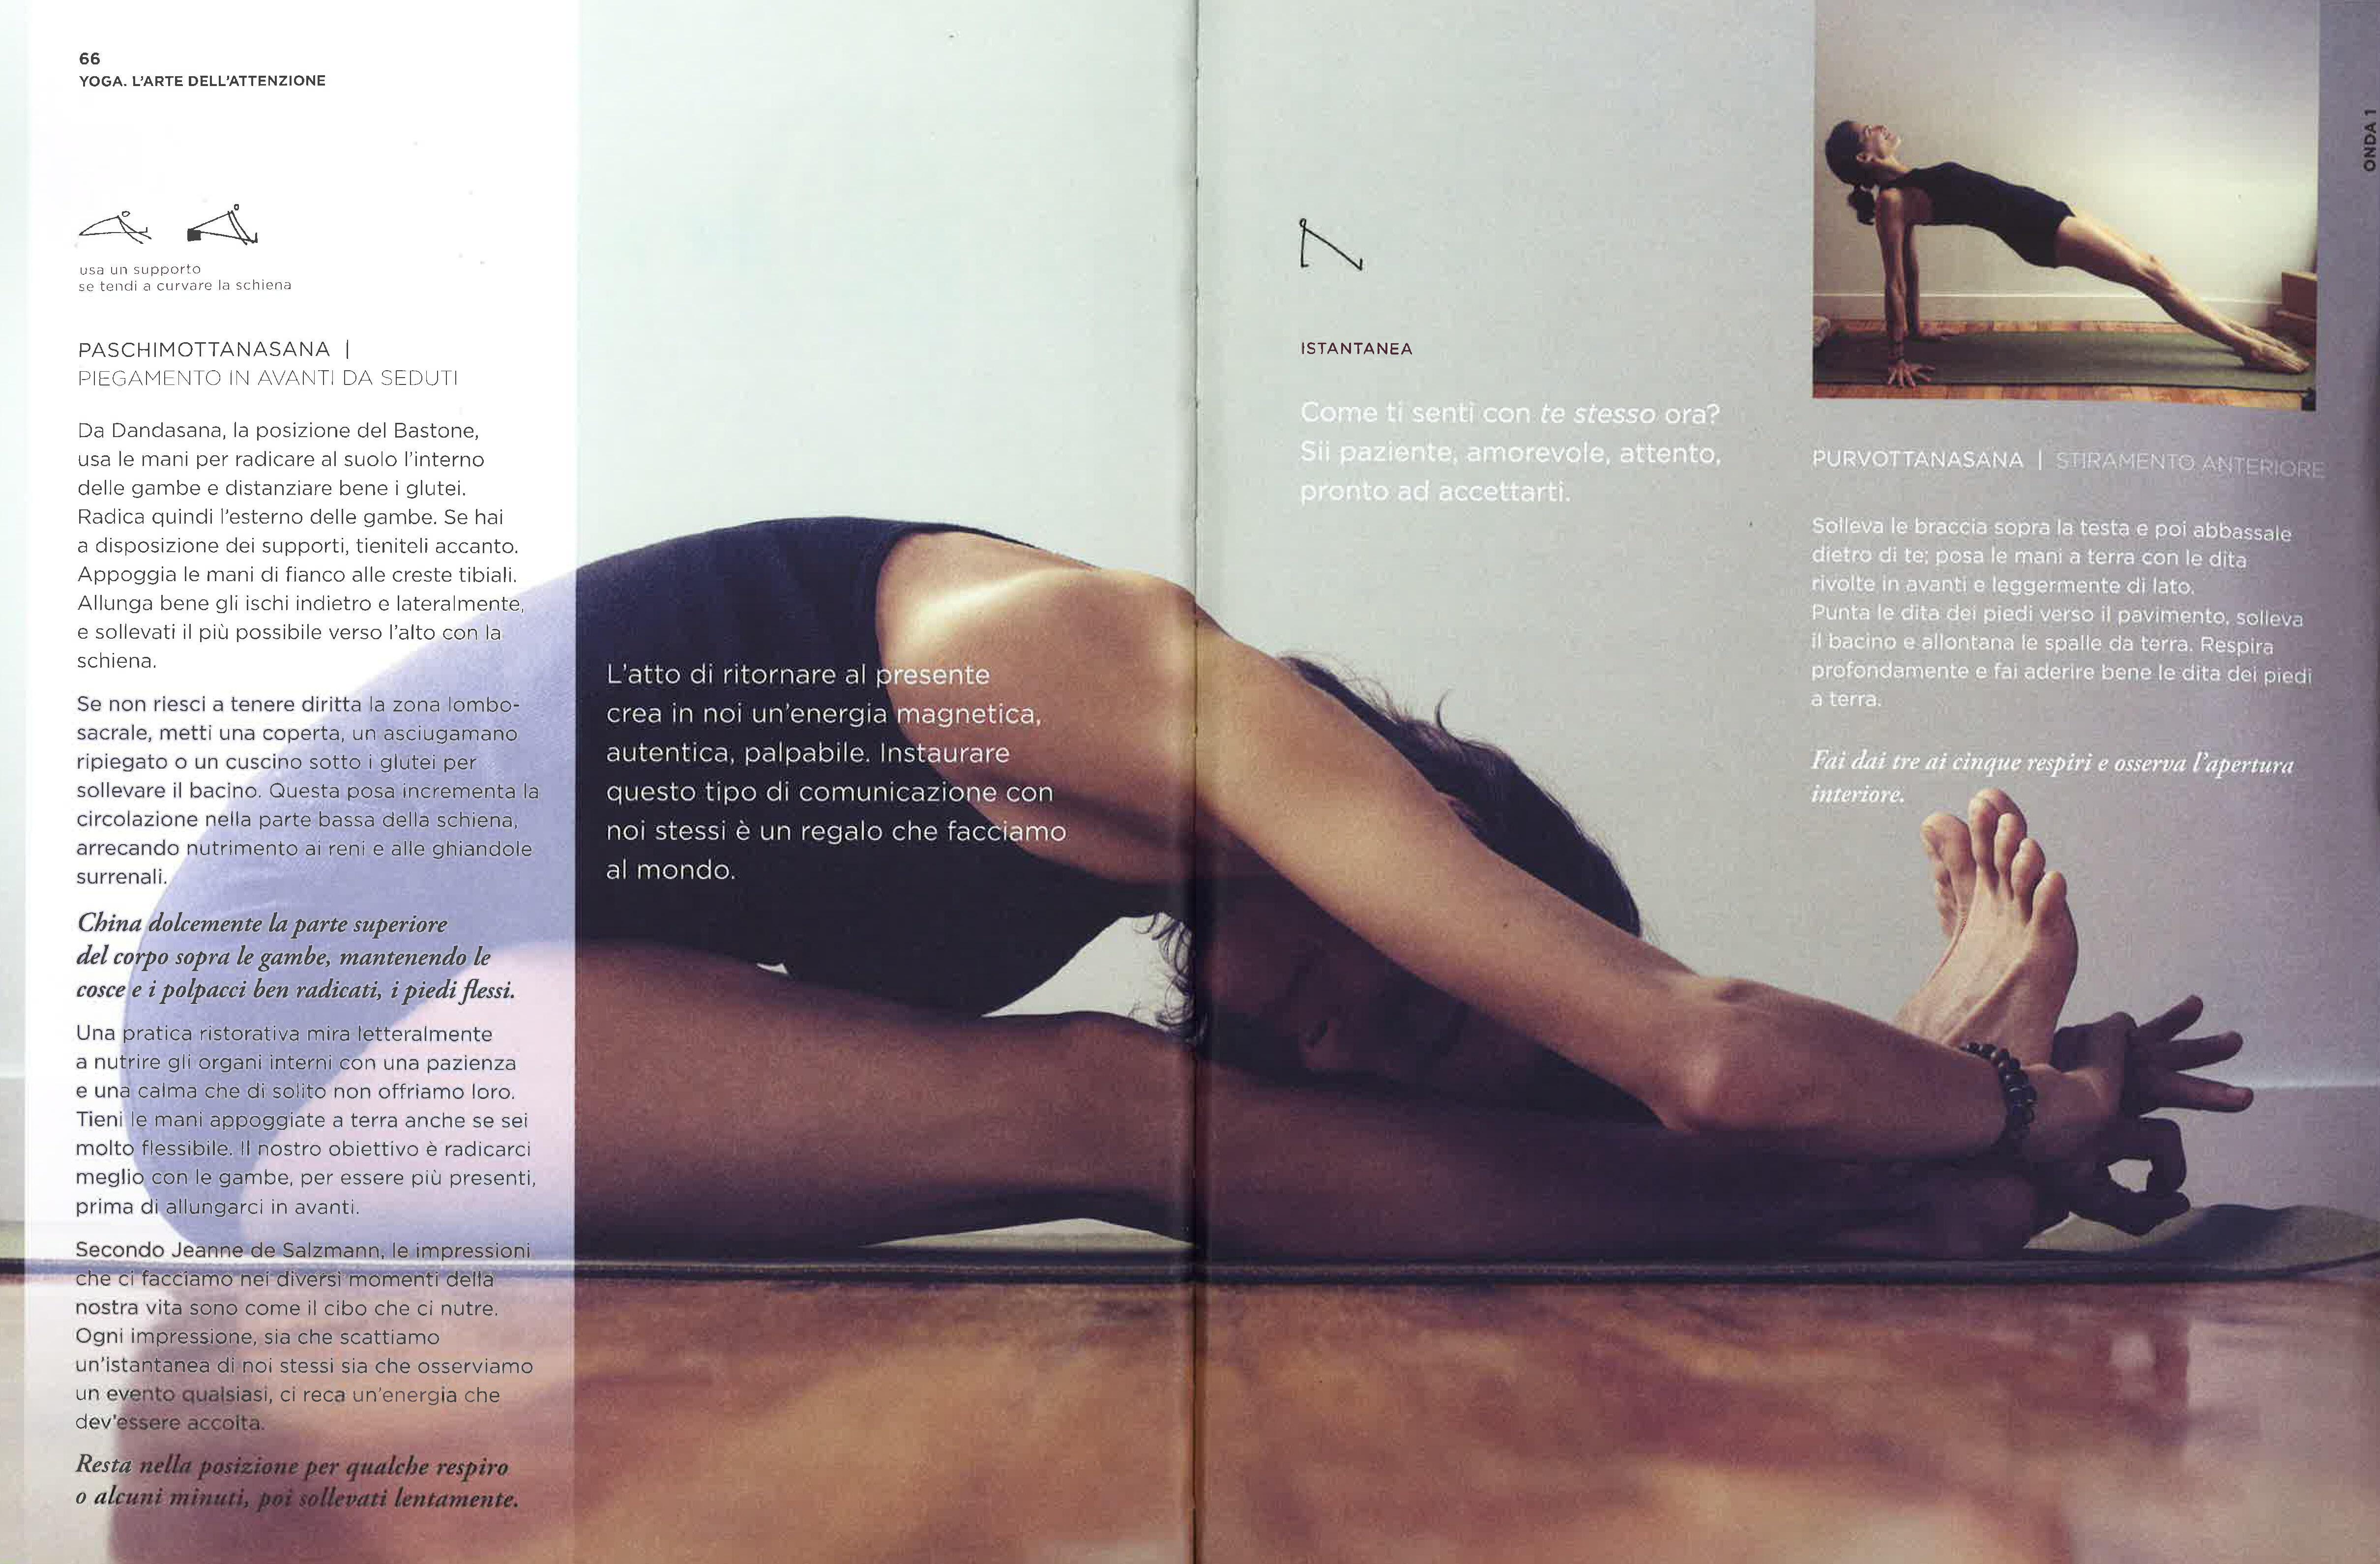 Ufficio Disegno Yoga : Yoga. larte dellattenzione elena brower erica jago libro